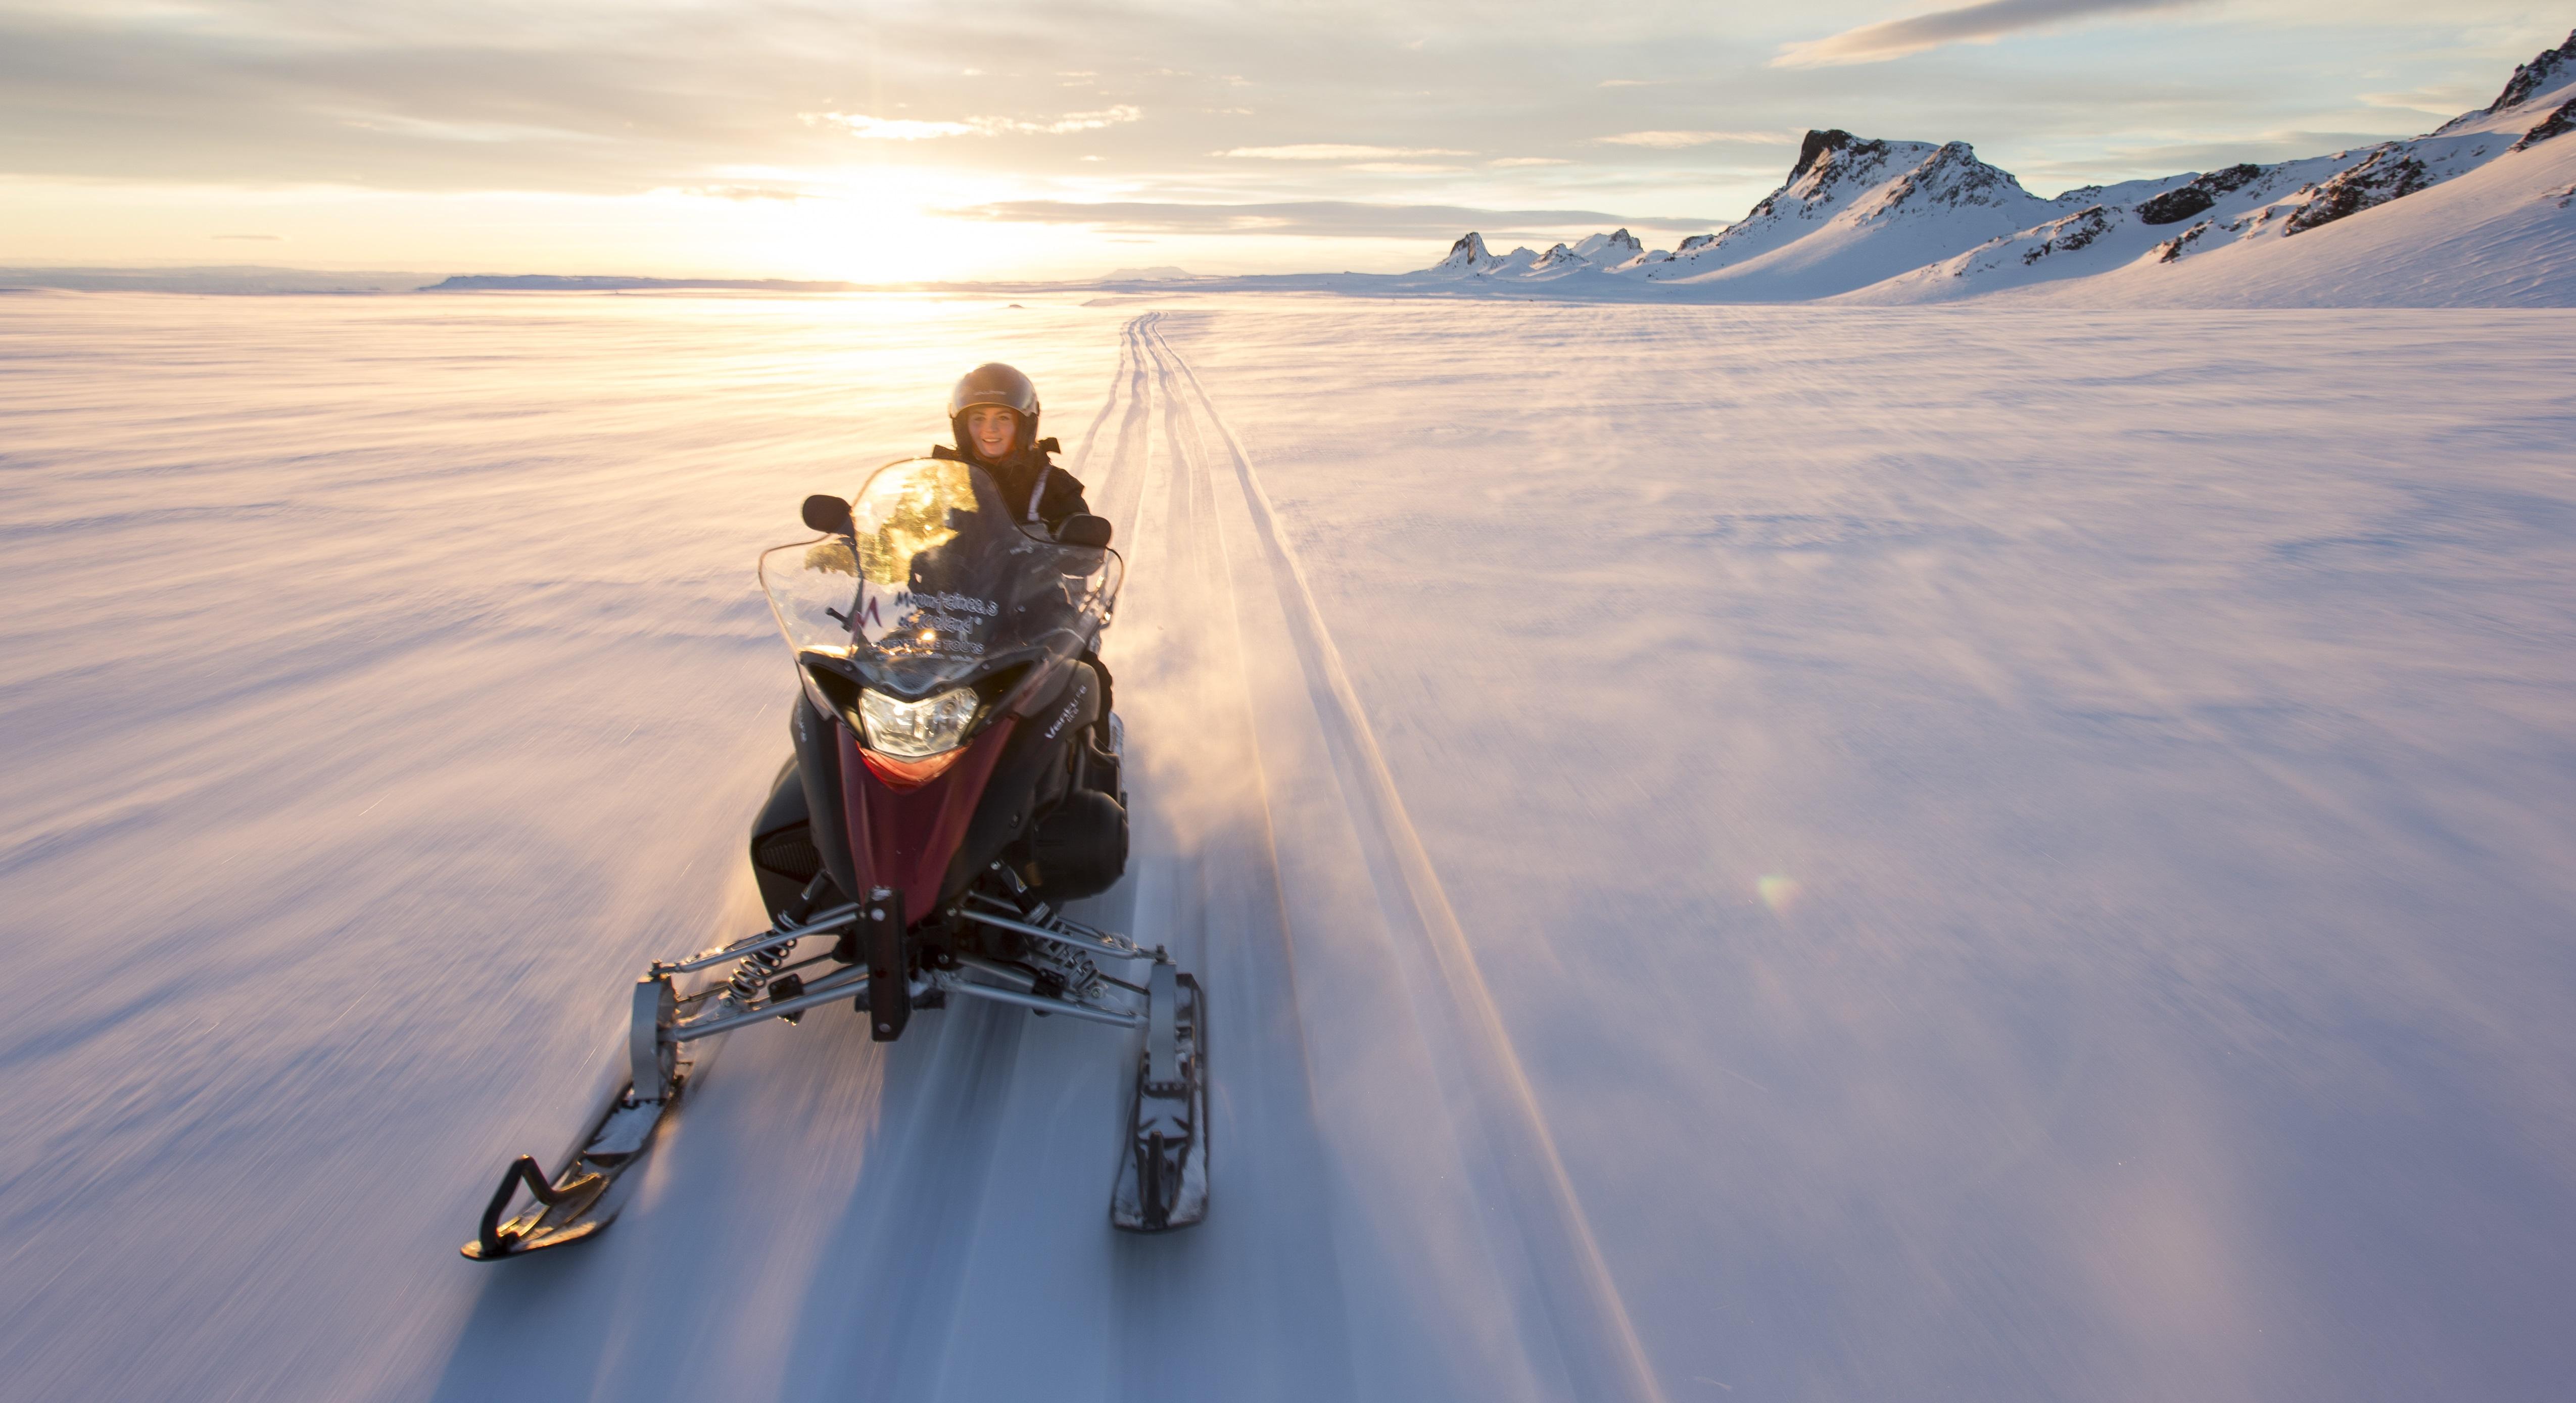 Nyt snøskutereventyret ditt på toppen av isbreen Langjökull.